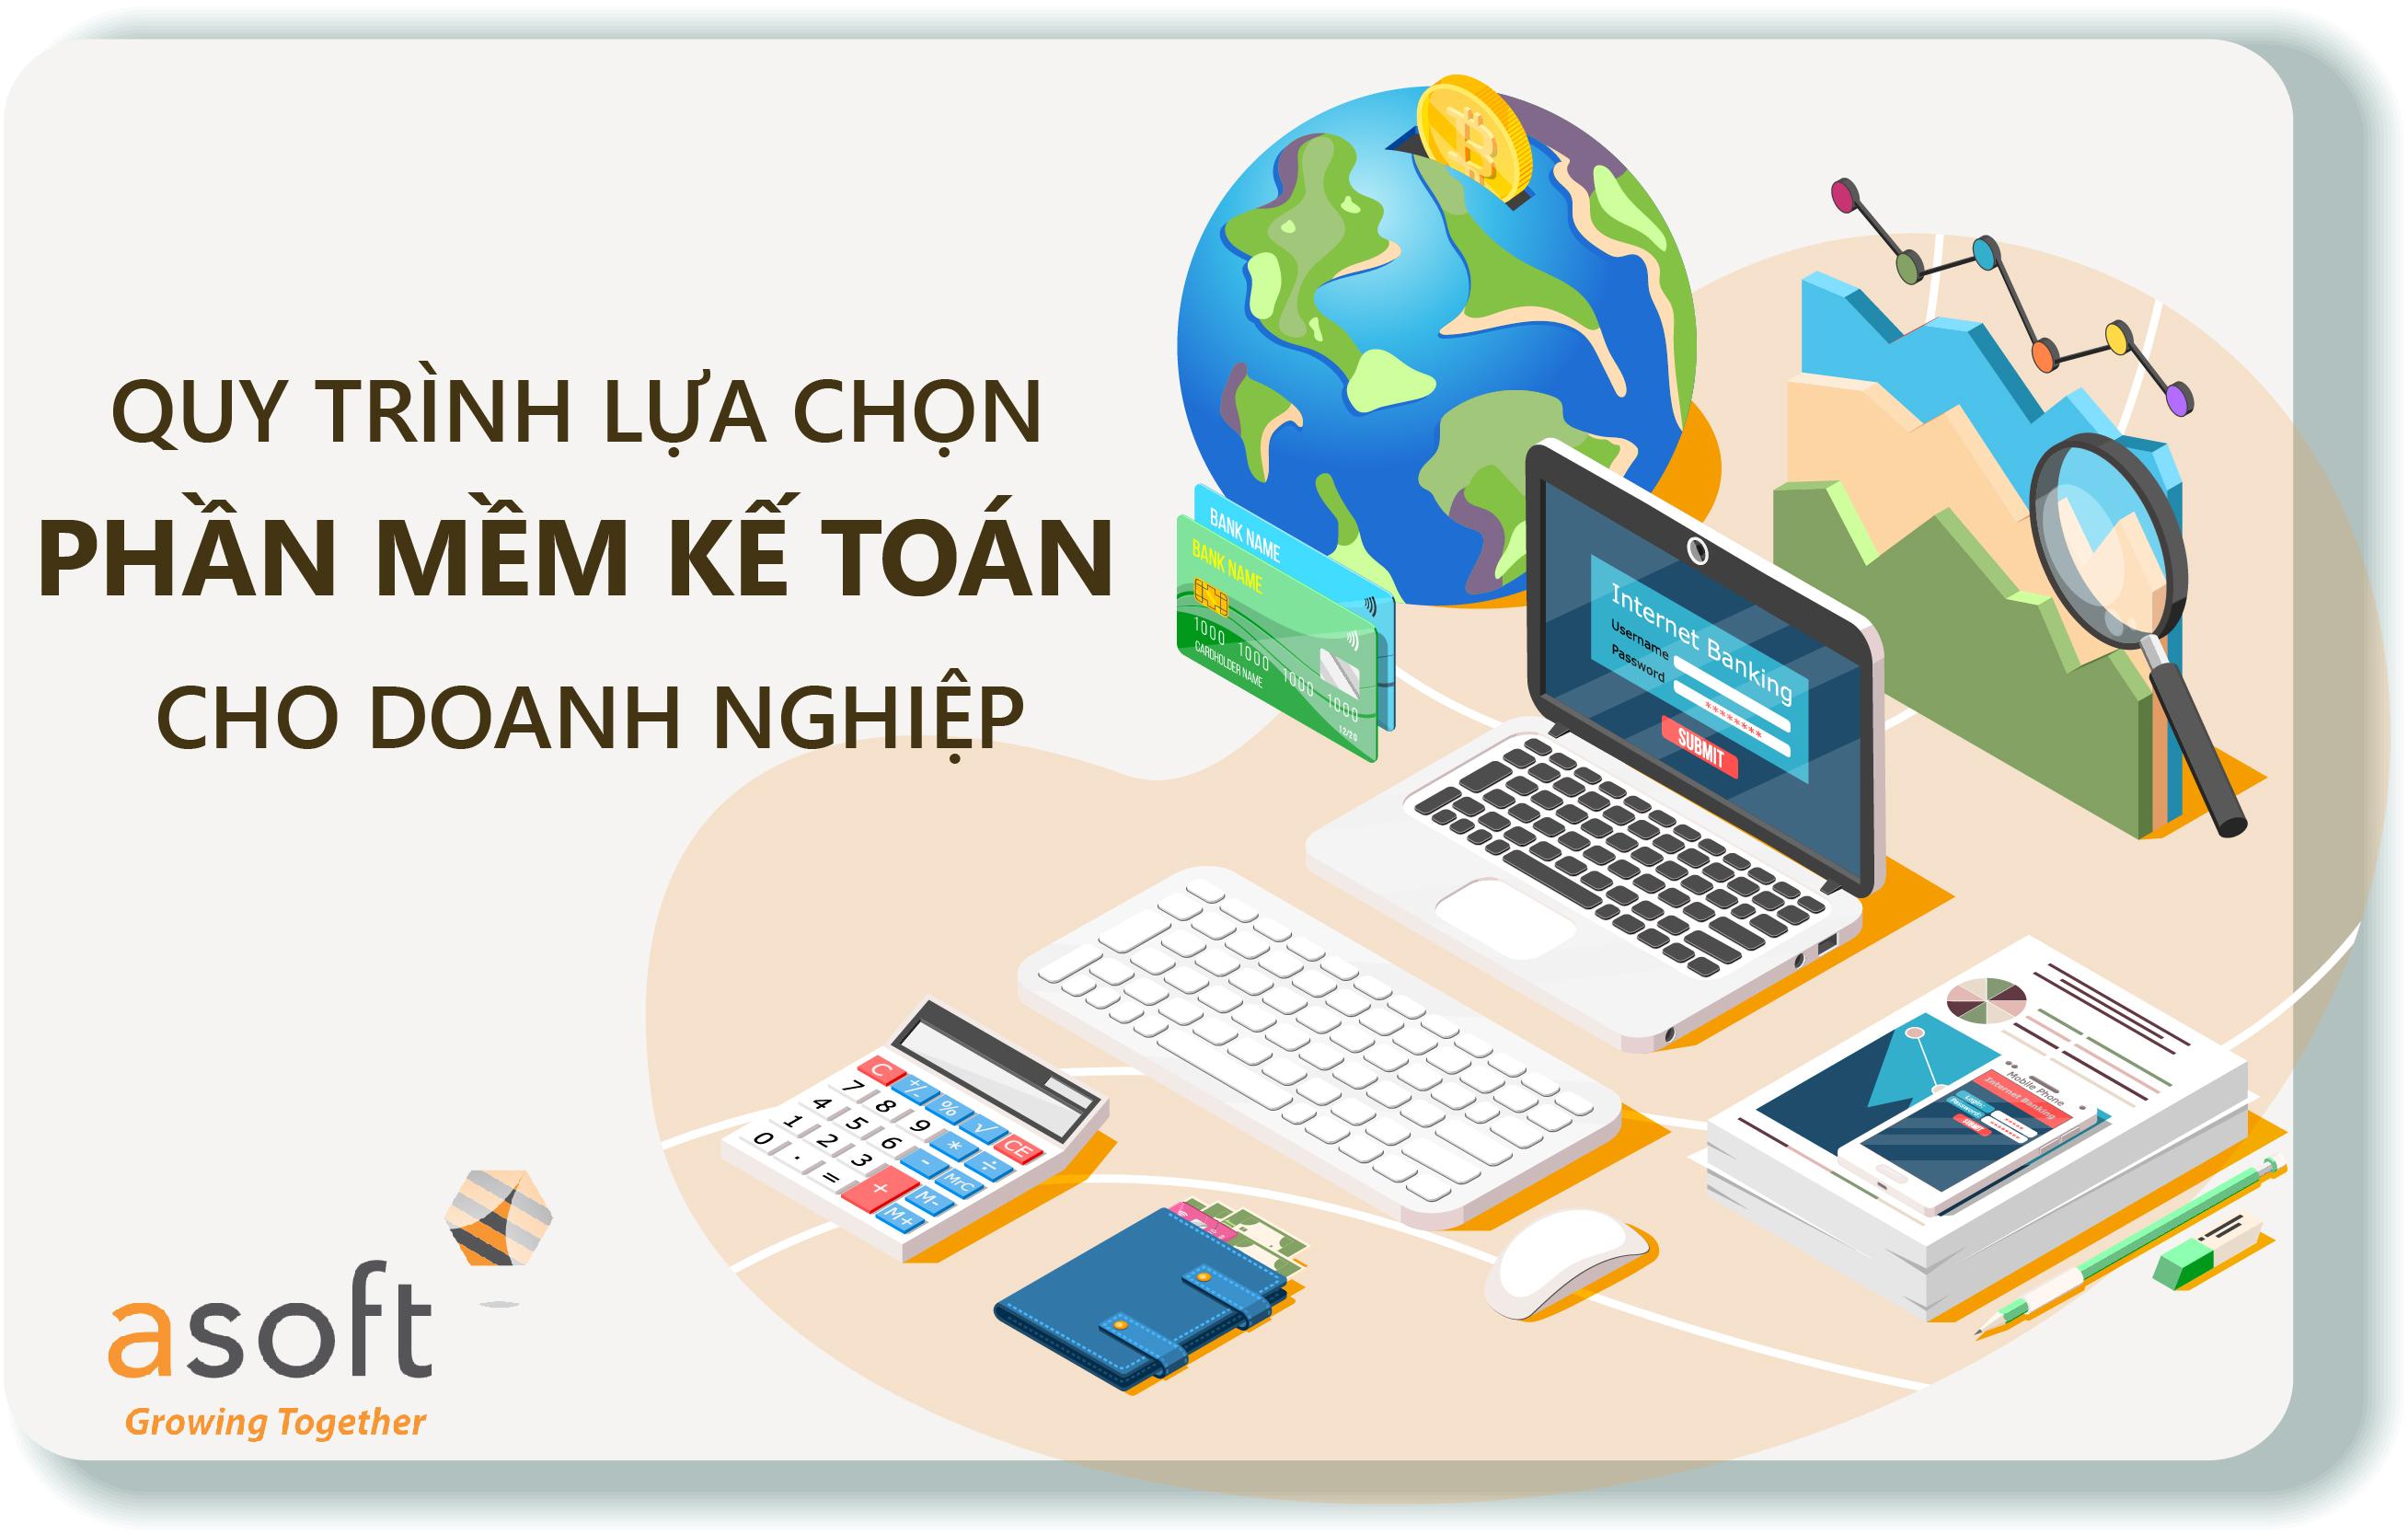 Quy trình lựa chọn phần mềm kế toán hiệu quả cho doanh nghiệp